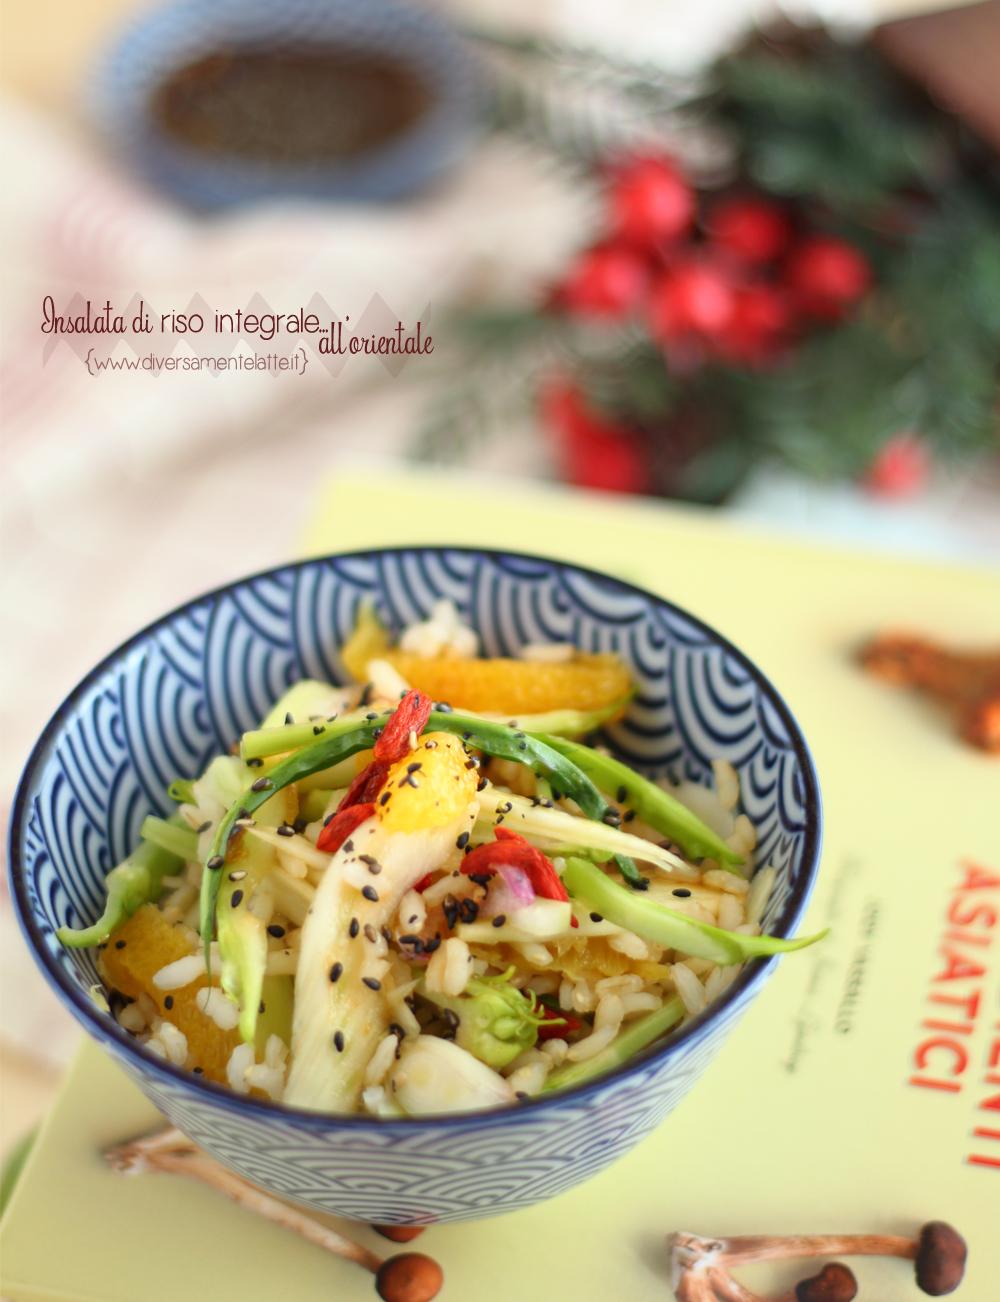 insalata di riso integrale alla maniera orientale